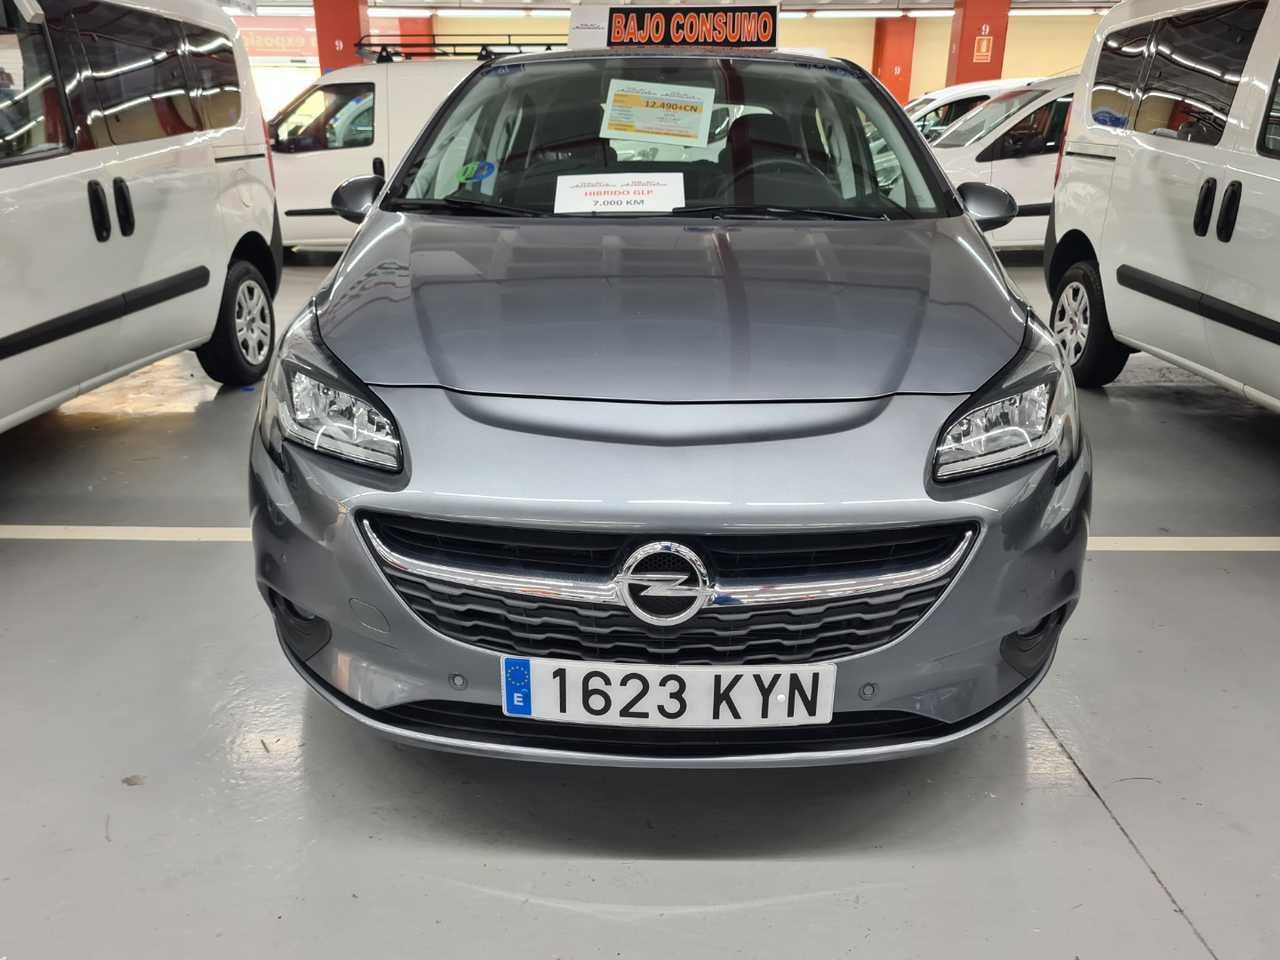 Opel Corsa 1.4 90CV HIBRIDO GLP CORSA 120 MANIVERSARIO EDICION  - Foto 1